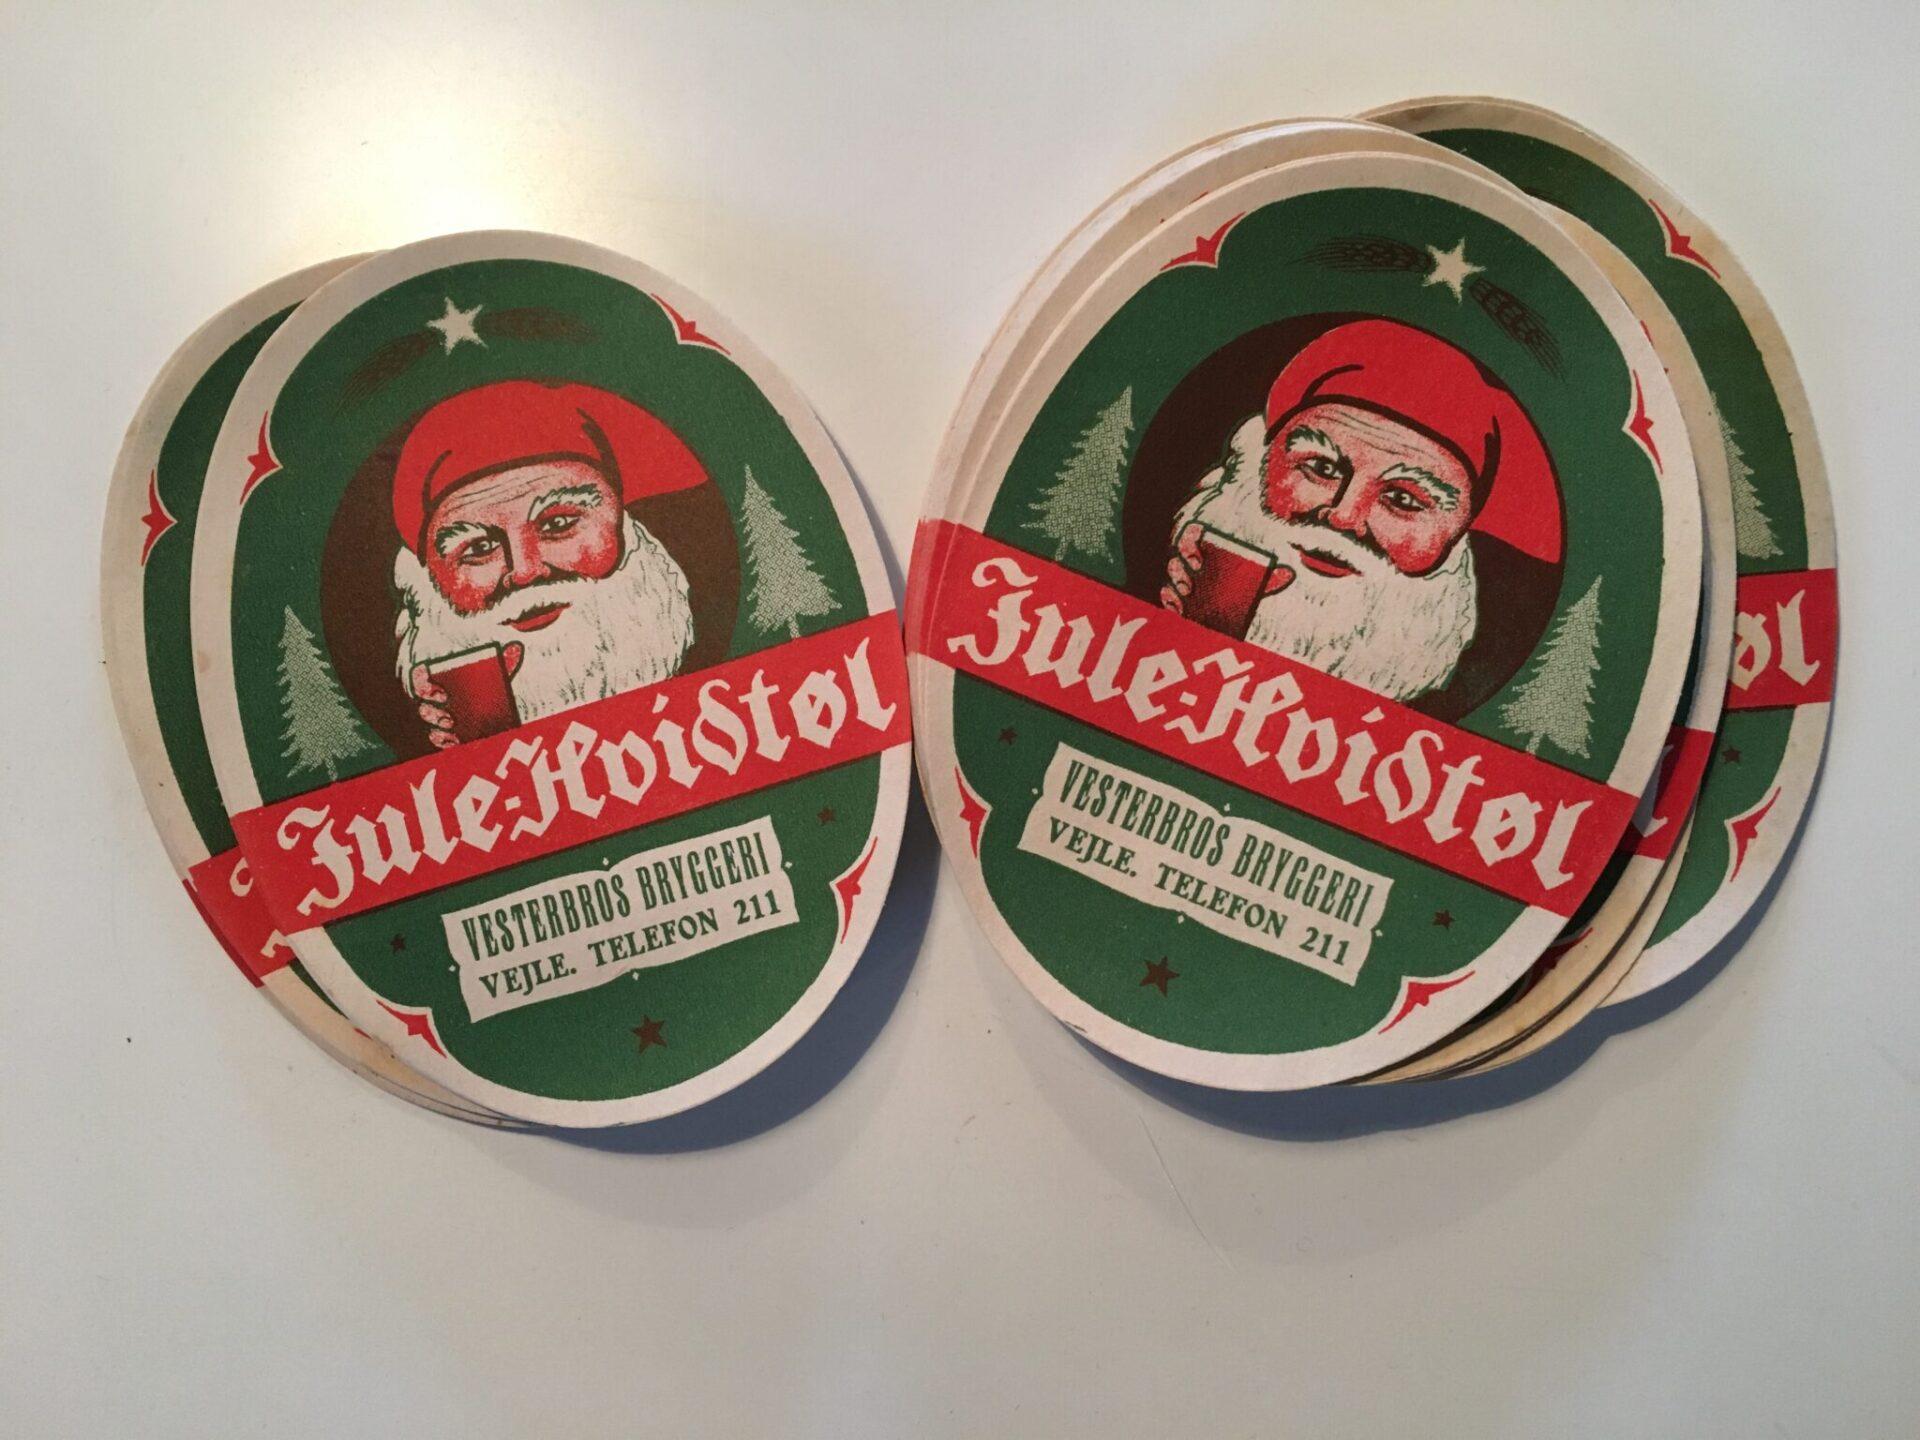 Ubrugte øl etiketter fra hedengangne Vesterbros Bryggeri, Vejle,  (ca 1950). pr. stk 5 kr